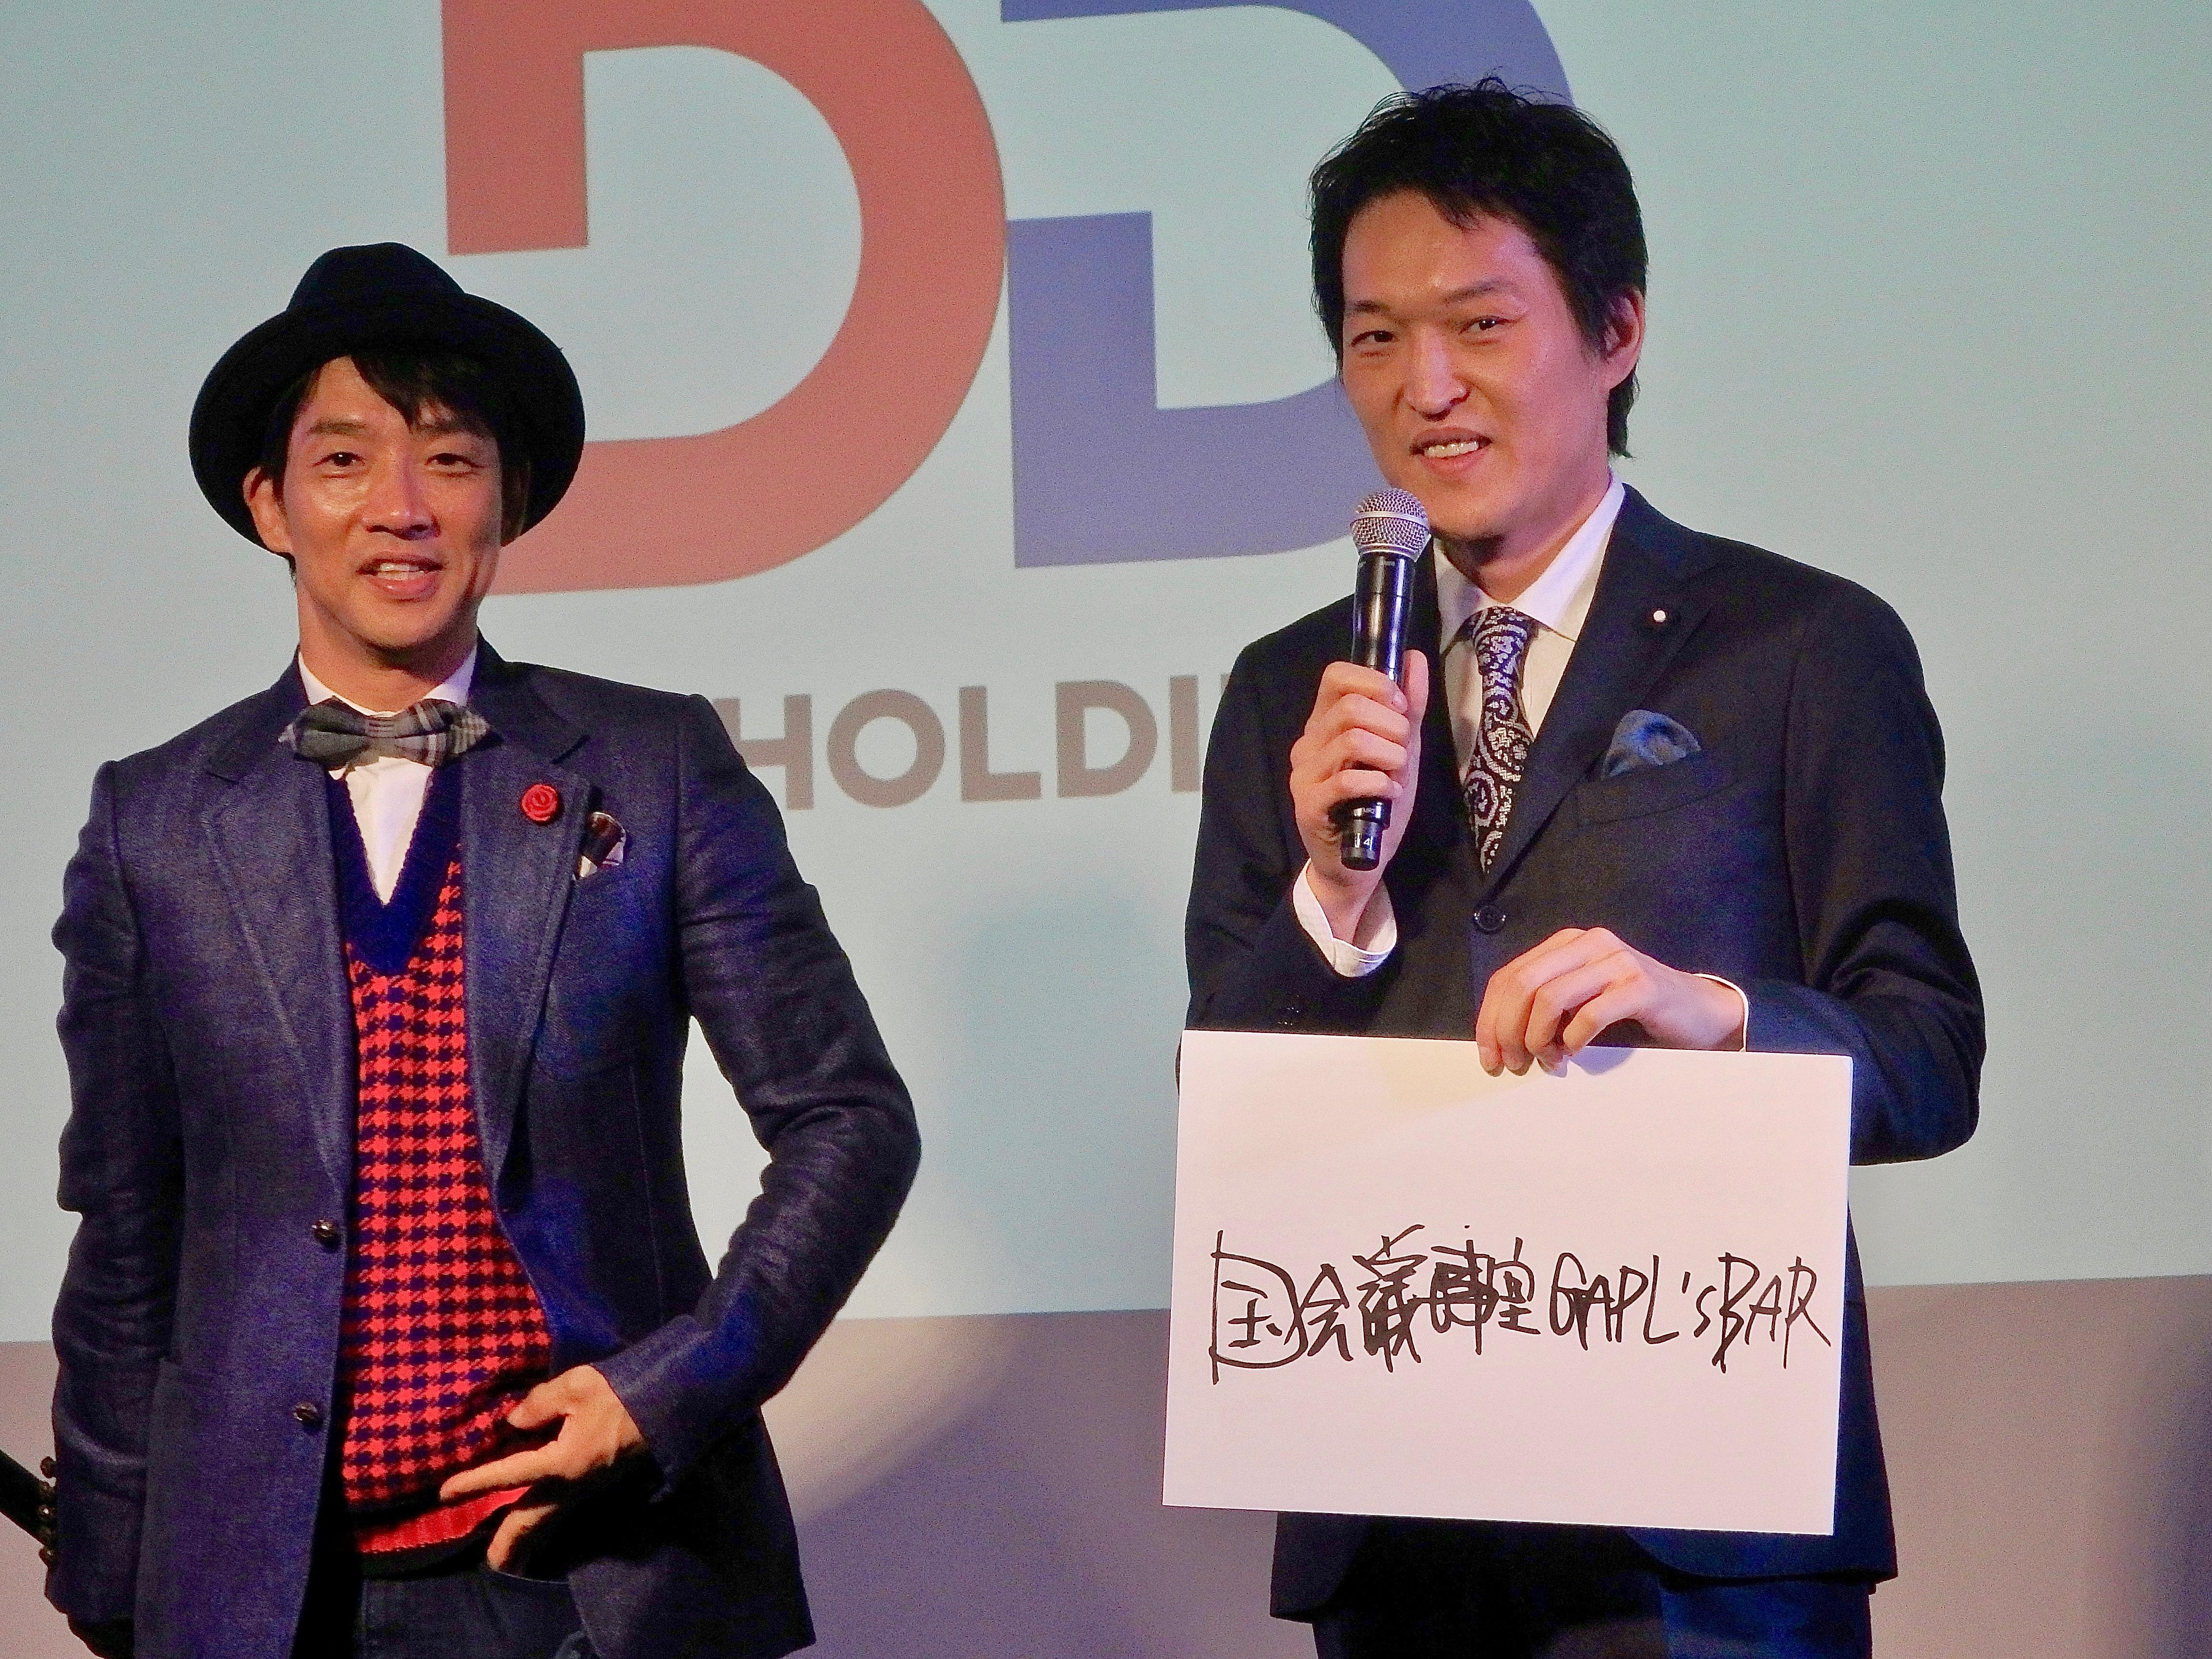 http://news.yoshimoto.co.jp/20170831235629-b26c9d8a0a87e6f789ff826a90aeebe53493ea85.jpg